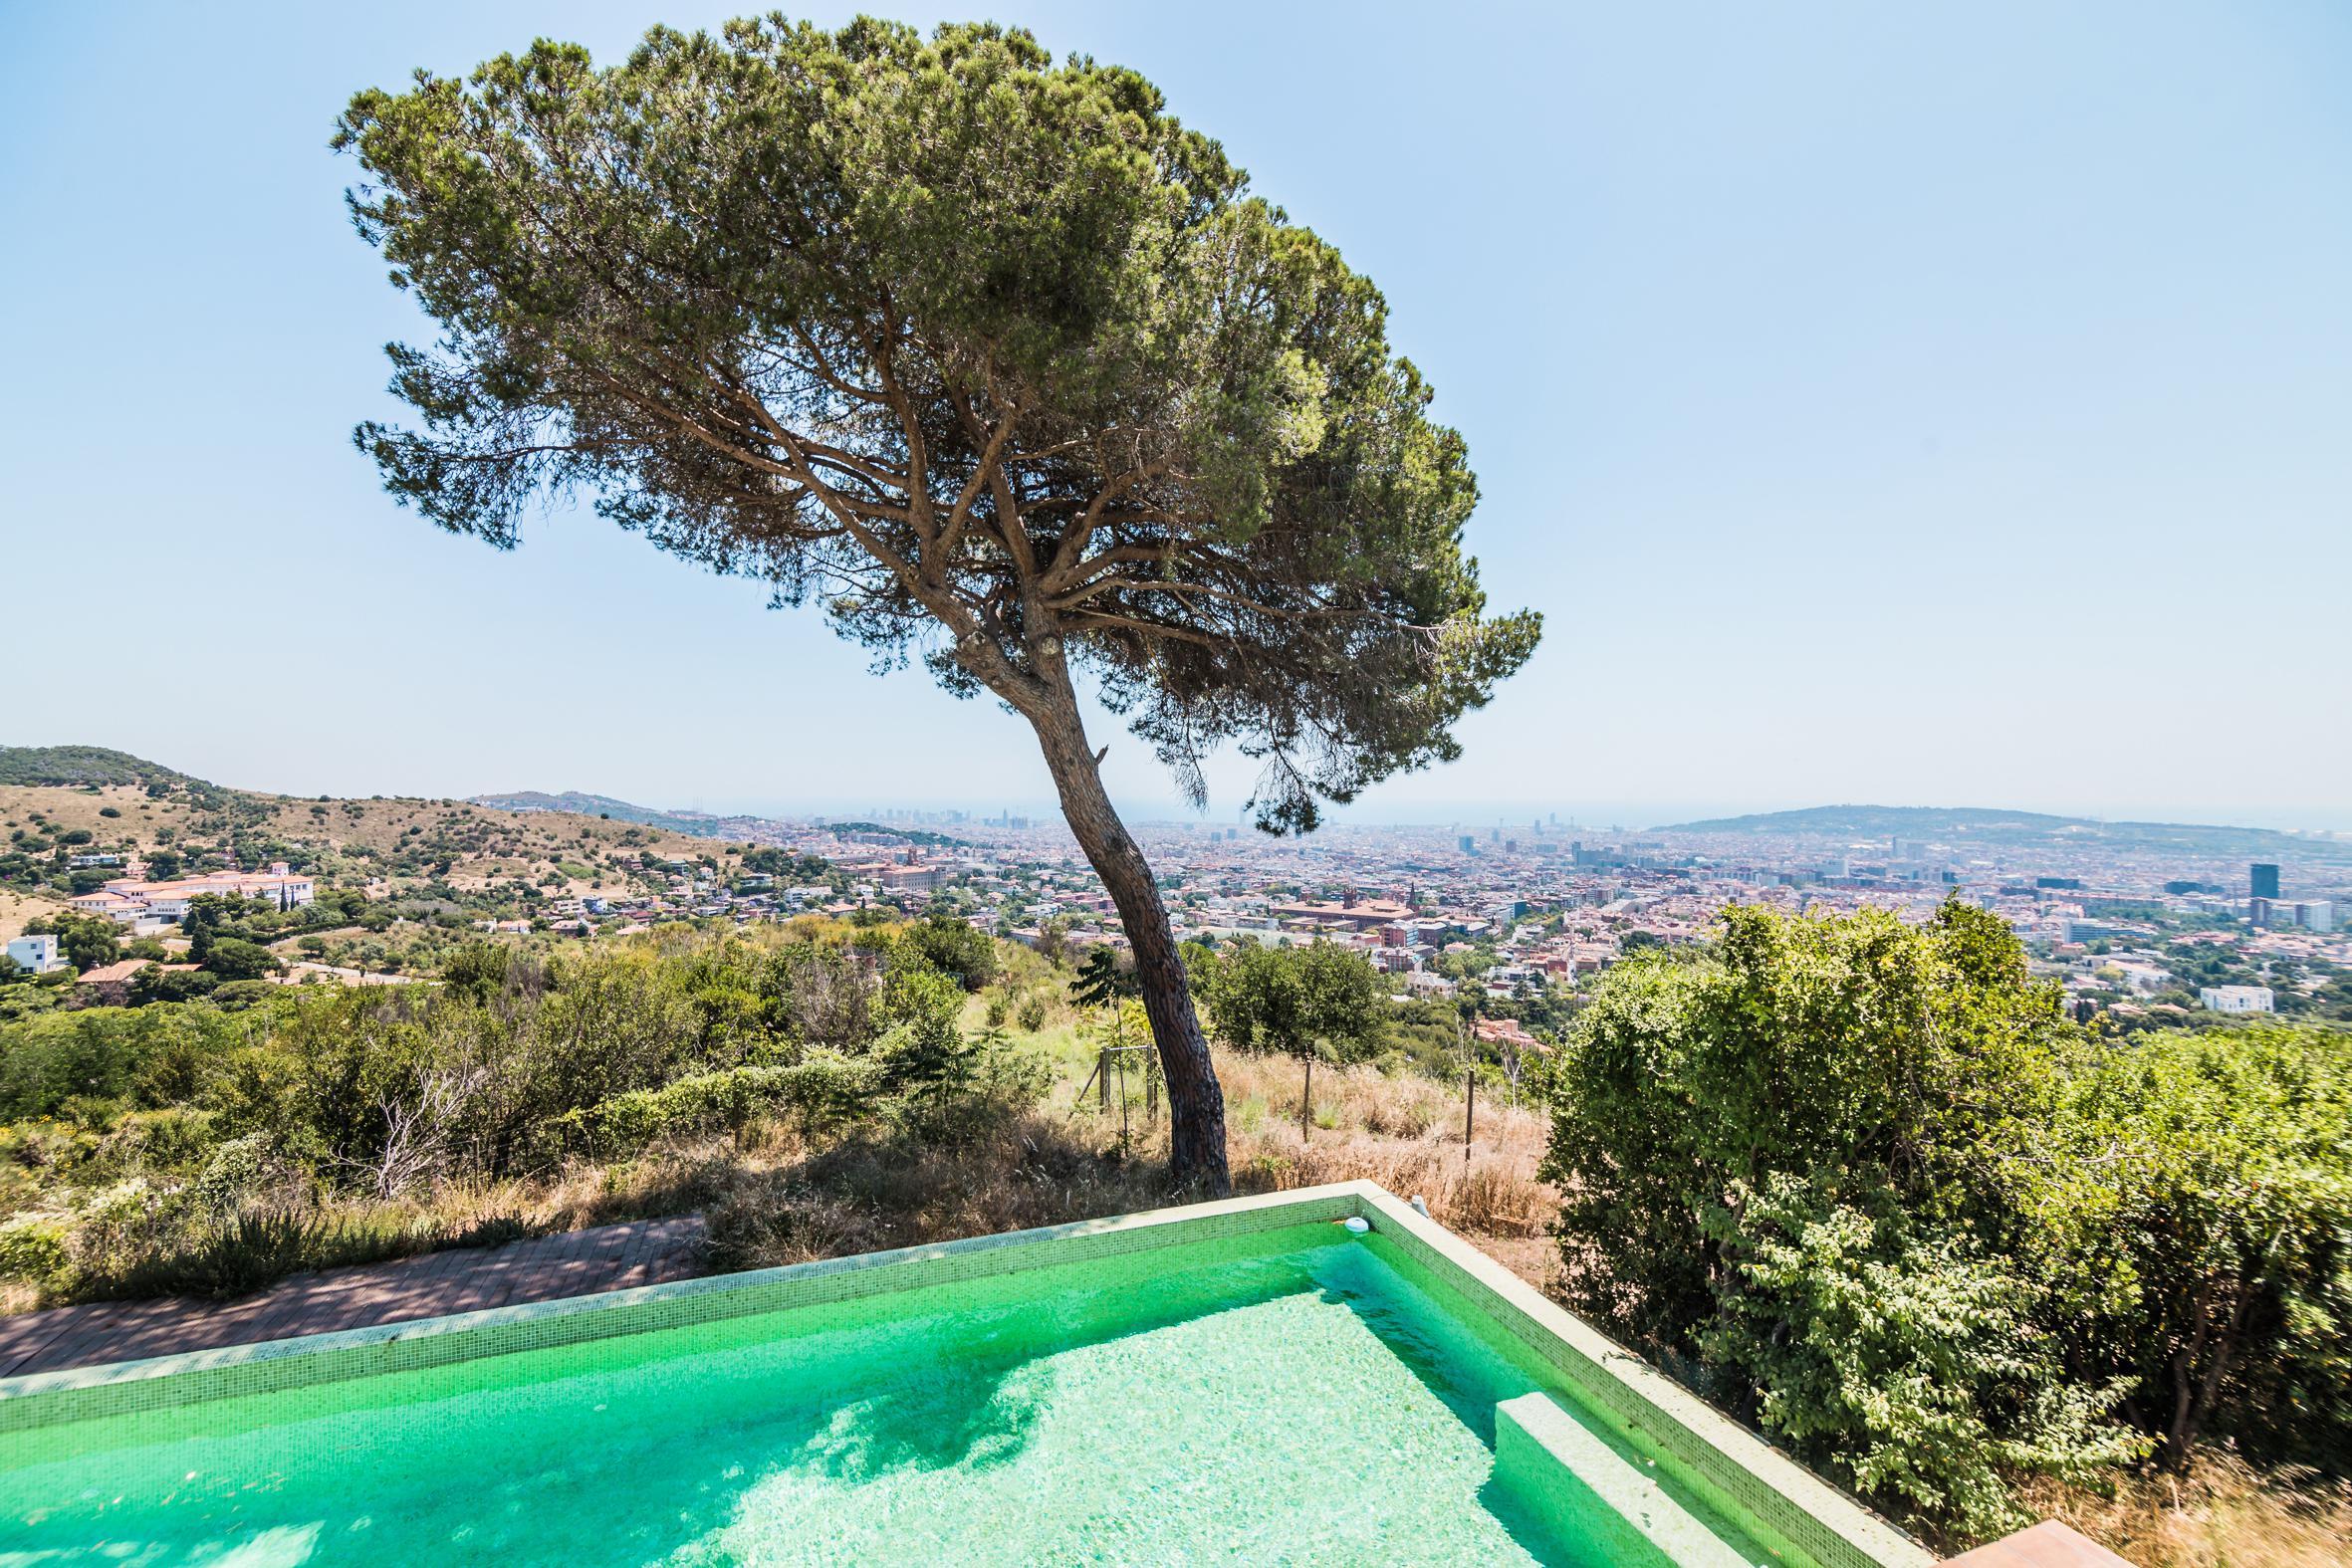 208148 Casa Aislada en venta en Sarrià-Sant Gervasi, Sarrià 12